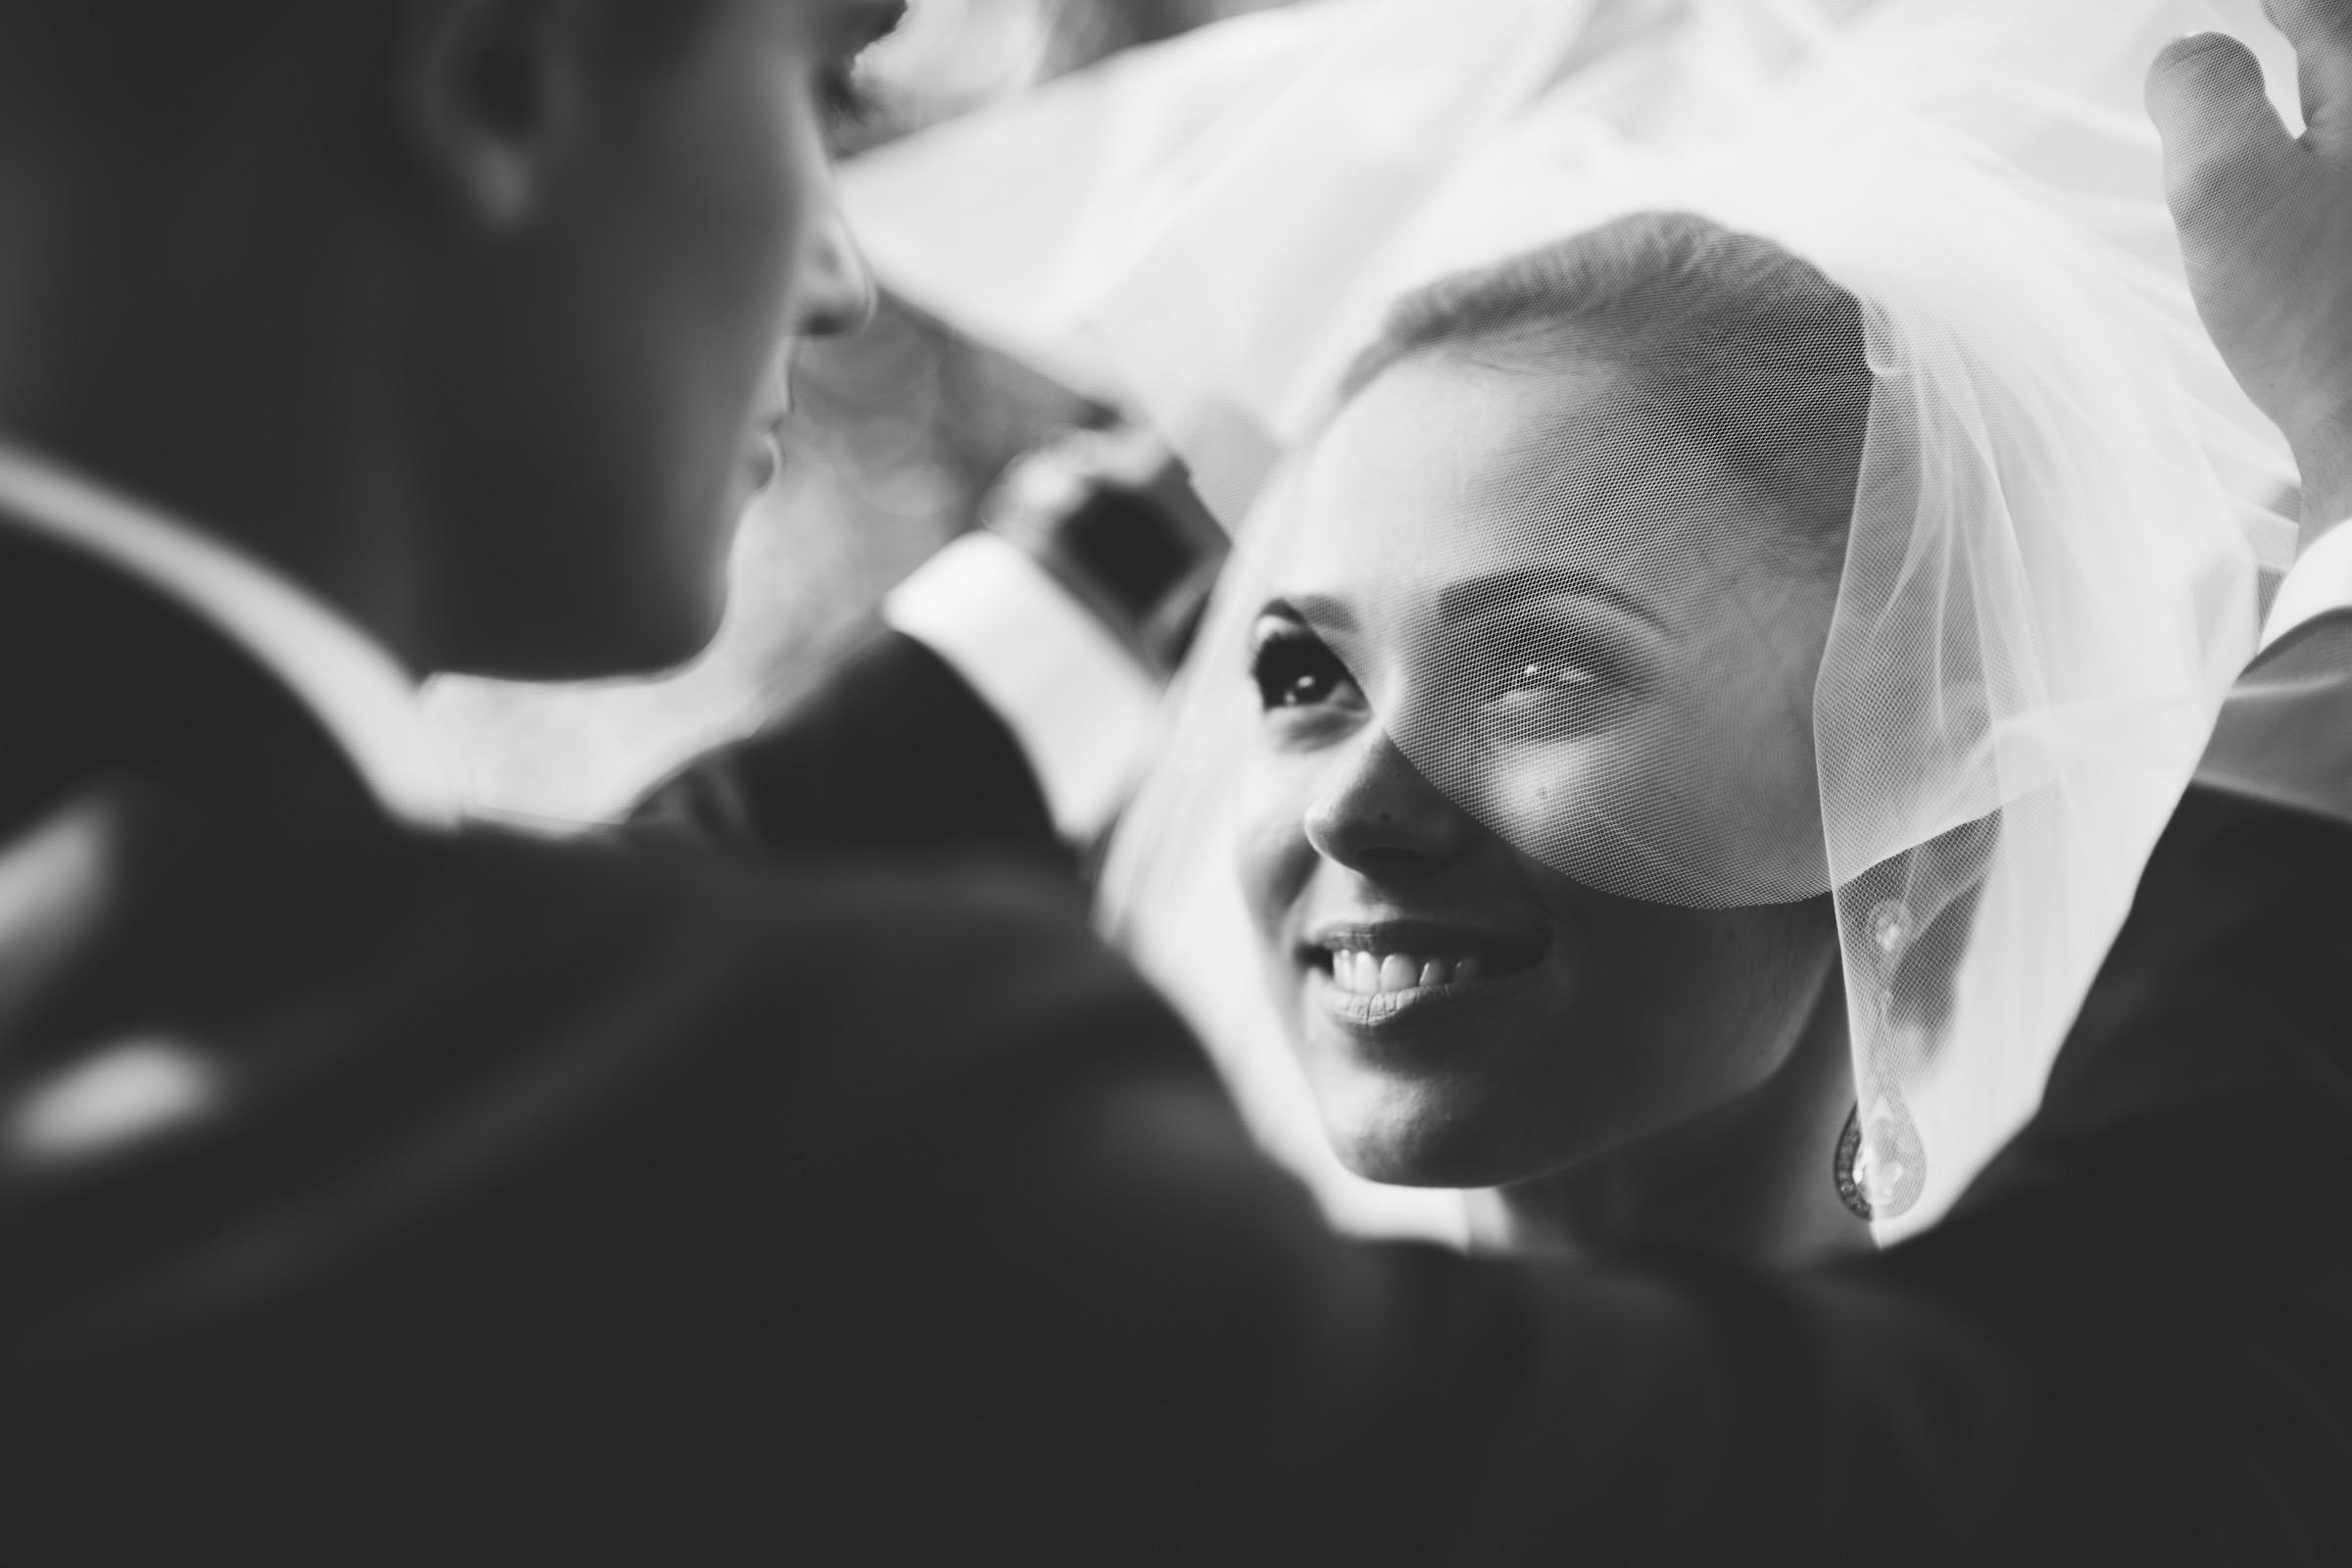 Hochzeitsfotograf | Hameln | Celle | Hannover | Braunschweig | Peine | Hamburg | Fotograf | Hochzeit | Hochzeitsfotografie | Hochzeitsreportage | Fotografie | Mieten | Buchen | Lehmann | Eventservice